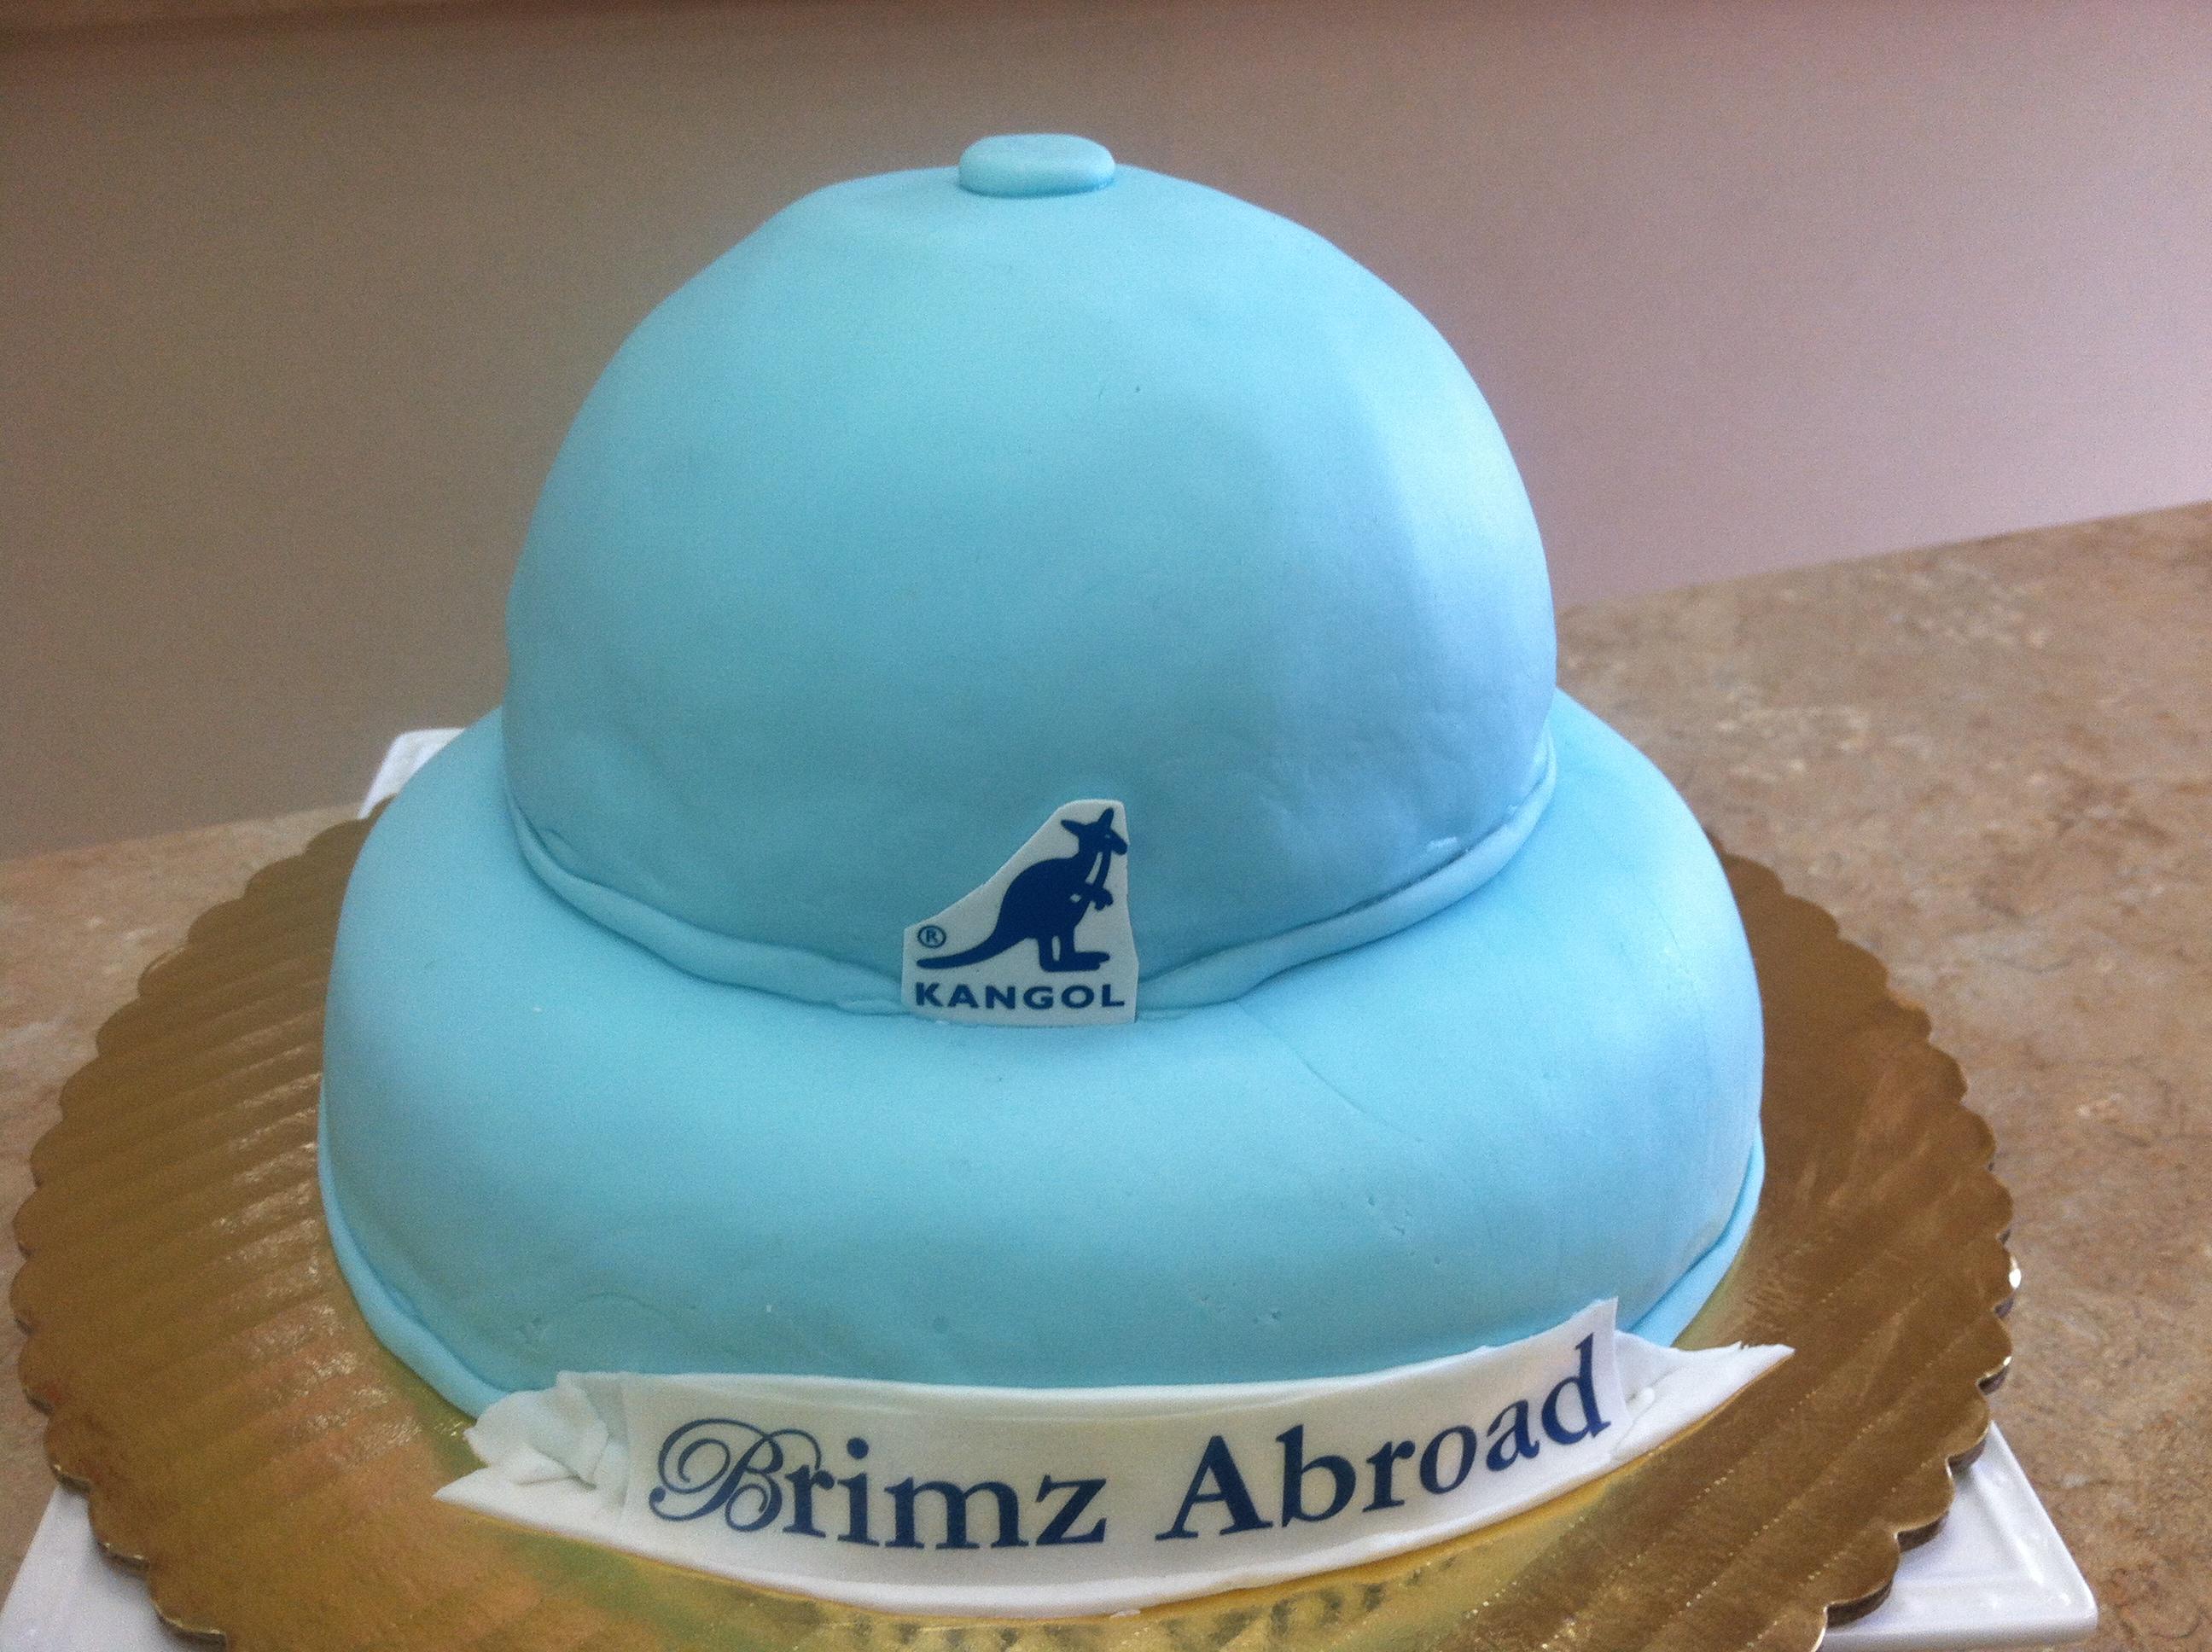 Kangol Hat Cake